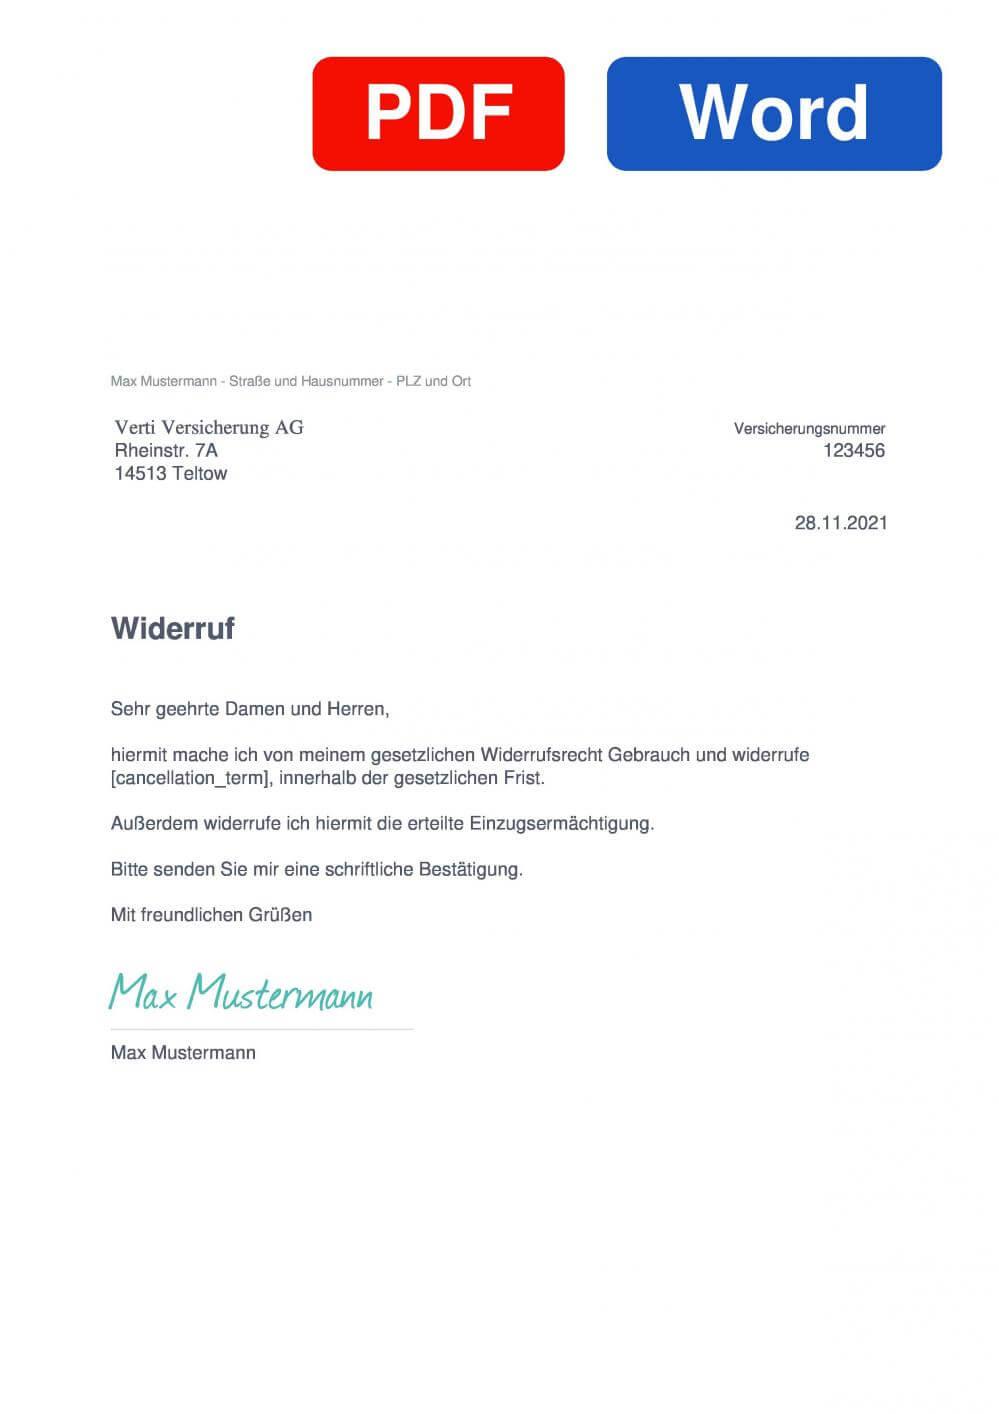 Verti Autoversicherung Muster Vorlage für Wiederrufsschreiben